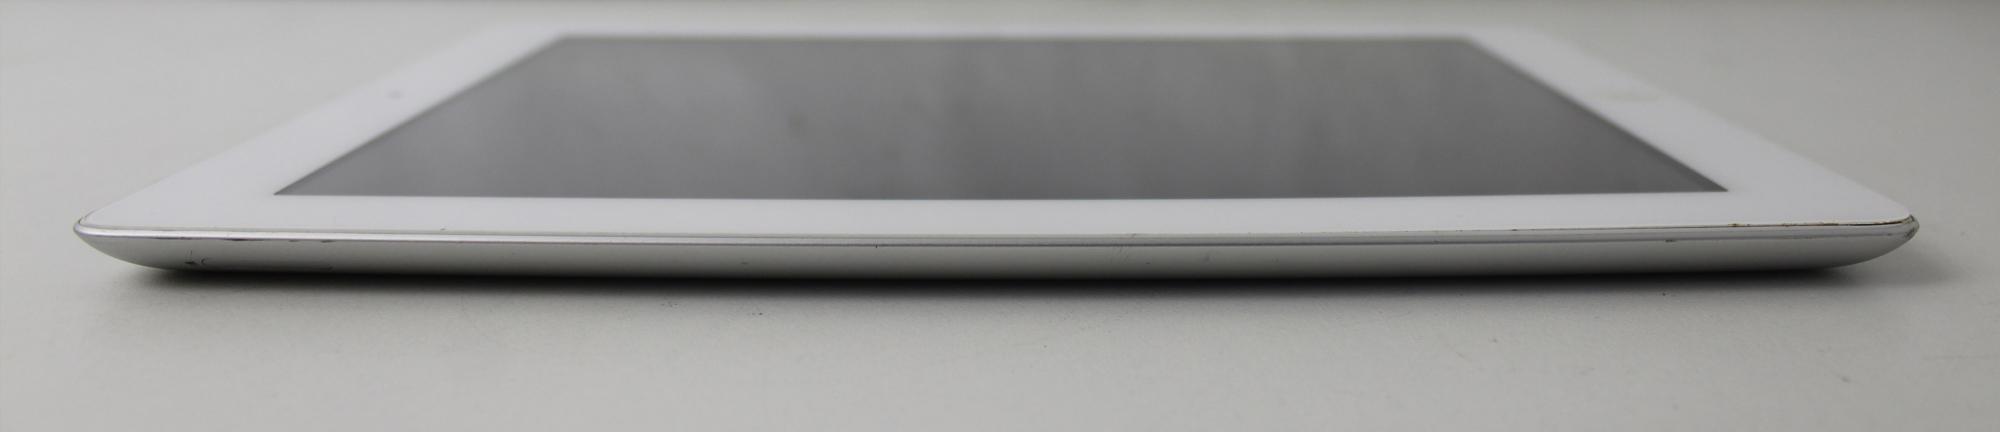 """IPAD 2 MC979BR/A 9.7"""" 16GB WIFI - BRANCO"""